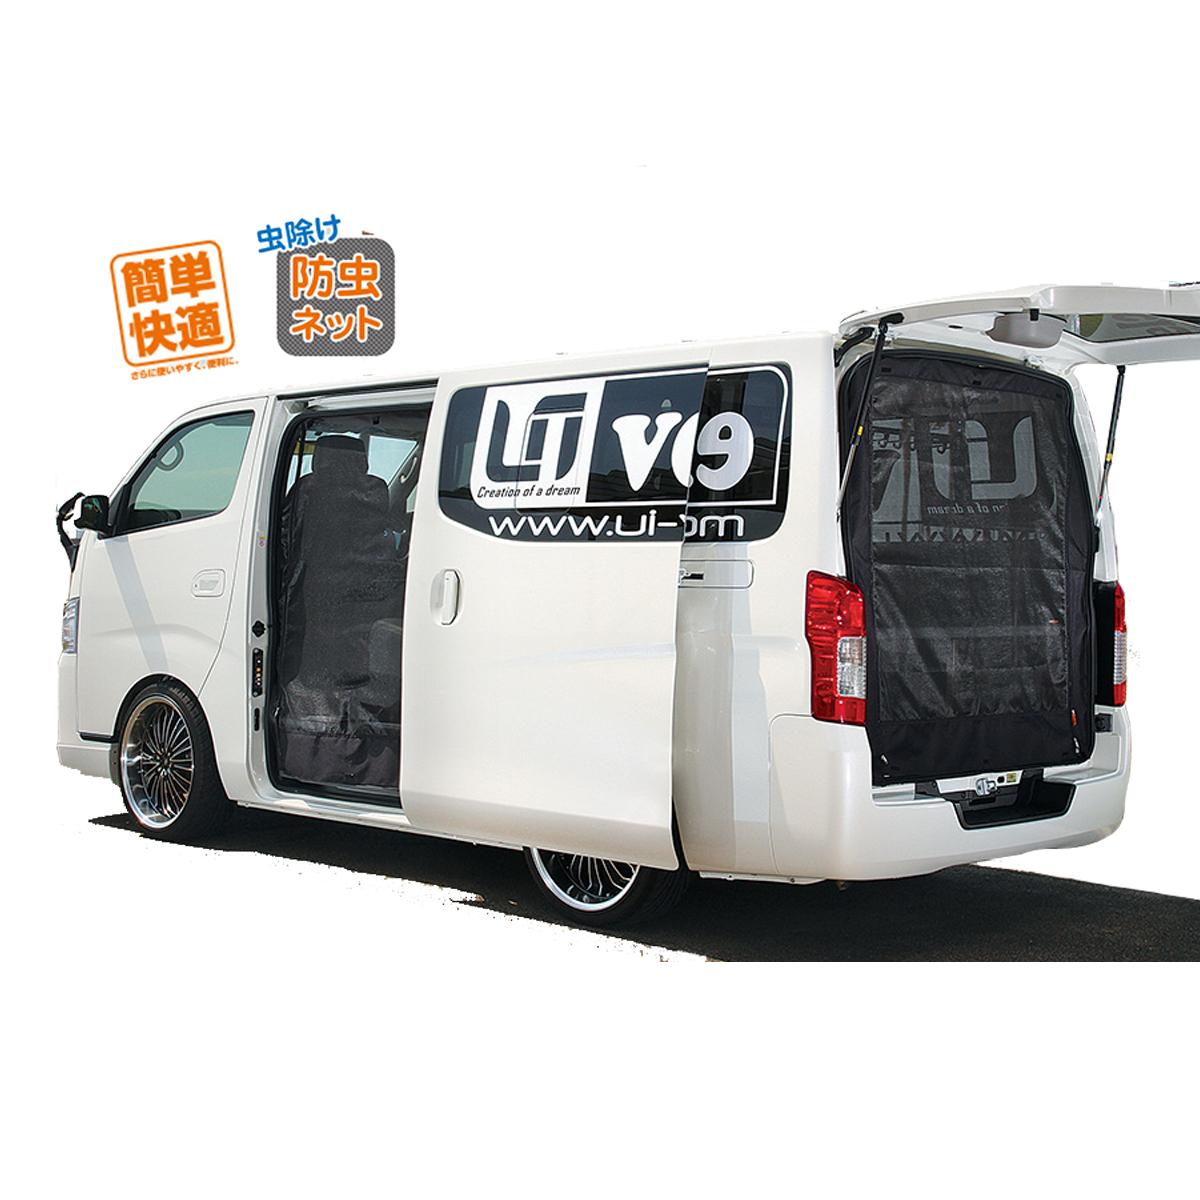 ユーアイビークル キャラバン NV350/E26 プレミアムGX 虫除け 防虫ネット リア1面 UI-vehicle ユーアイ